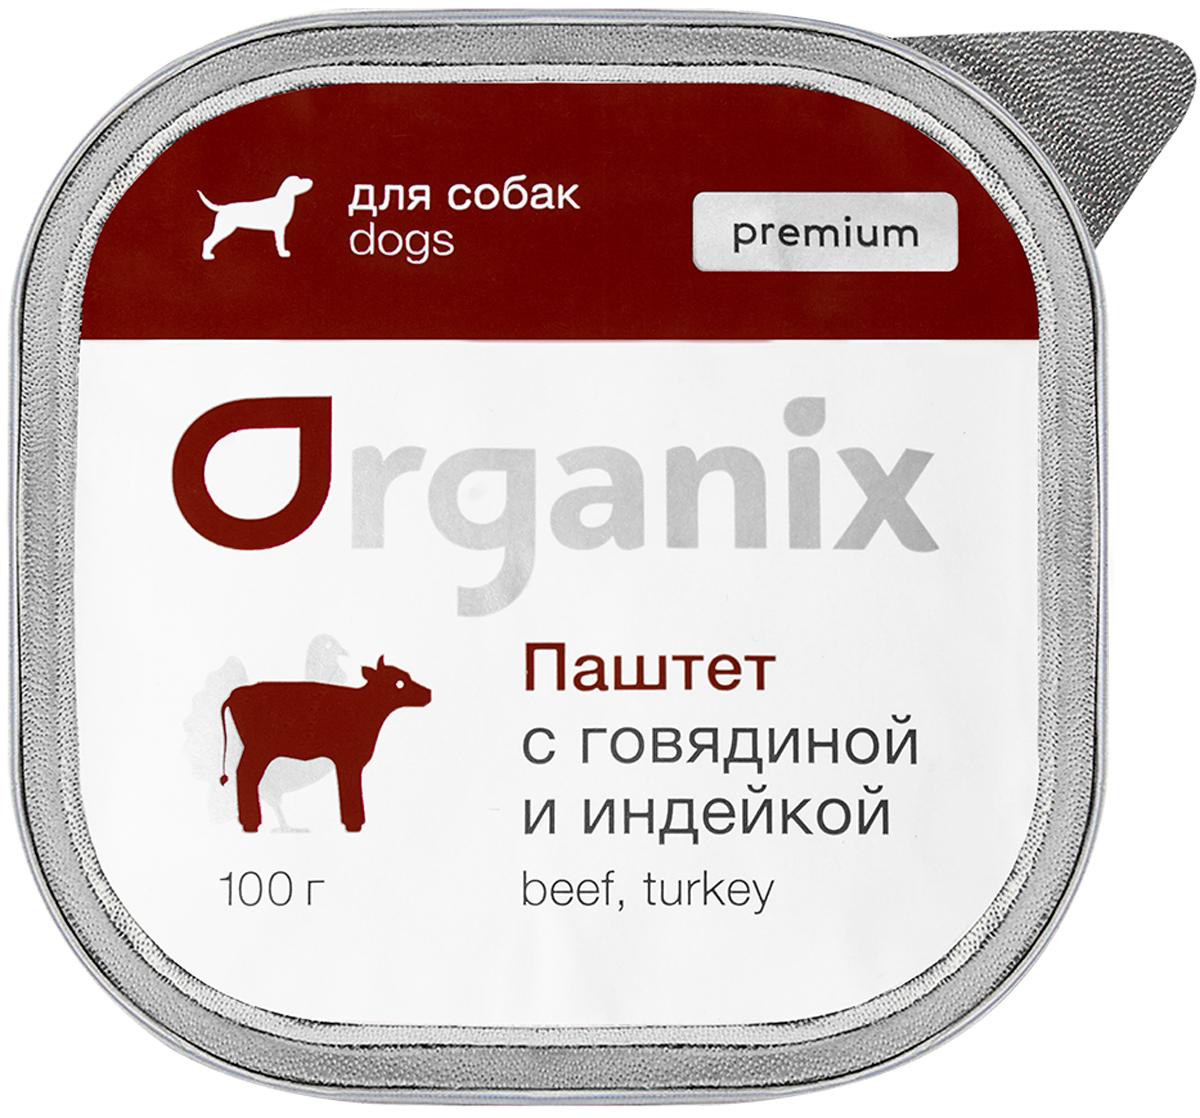 Organix Premium для взрослых собак паштет с говядиной и индейкой (100 гр х 15 шт)